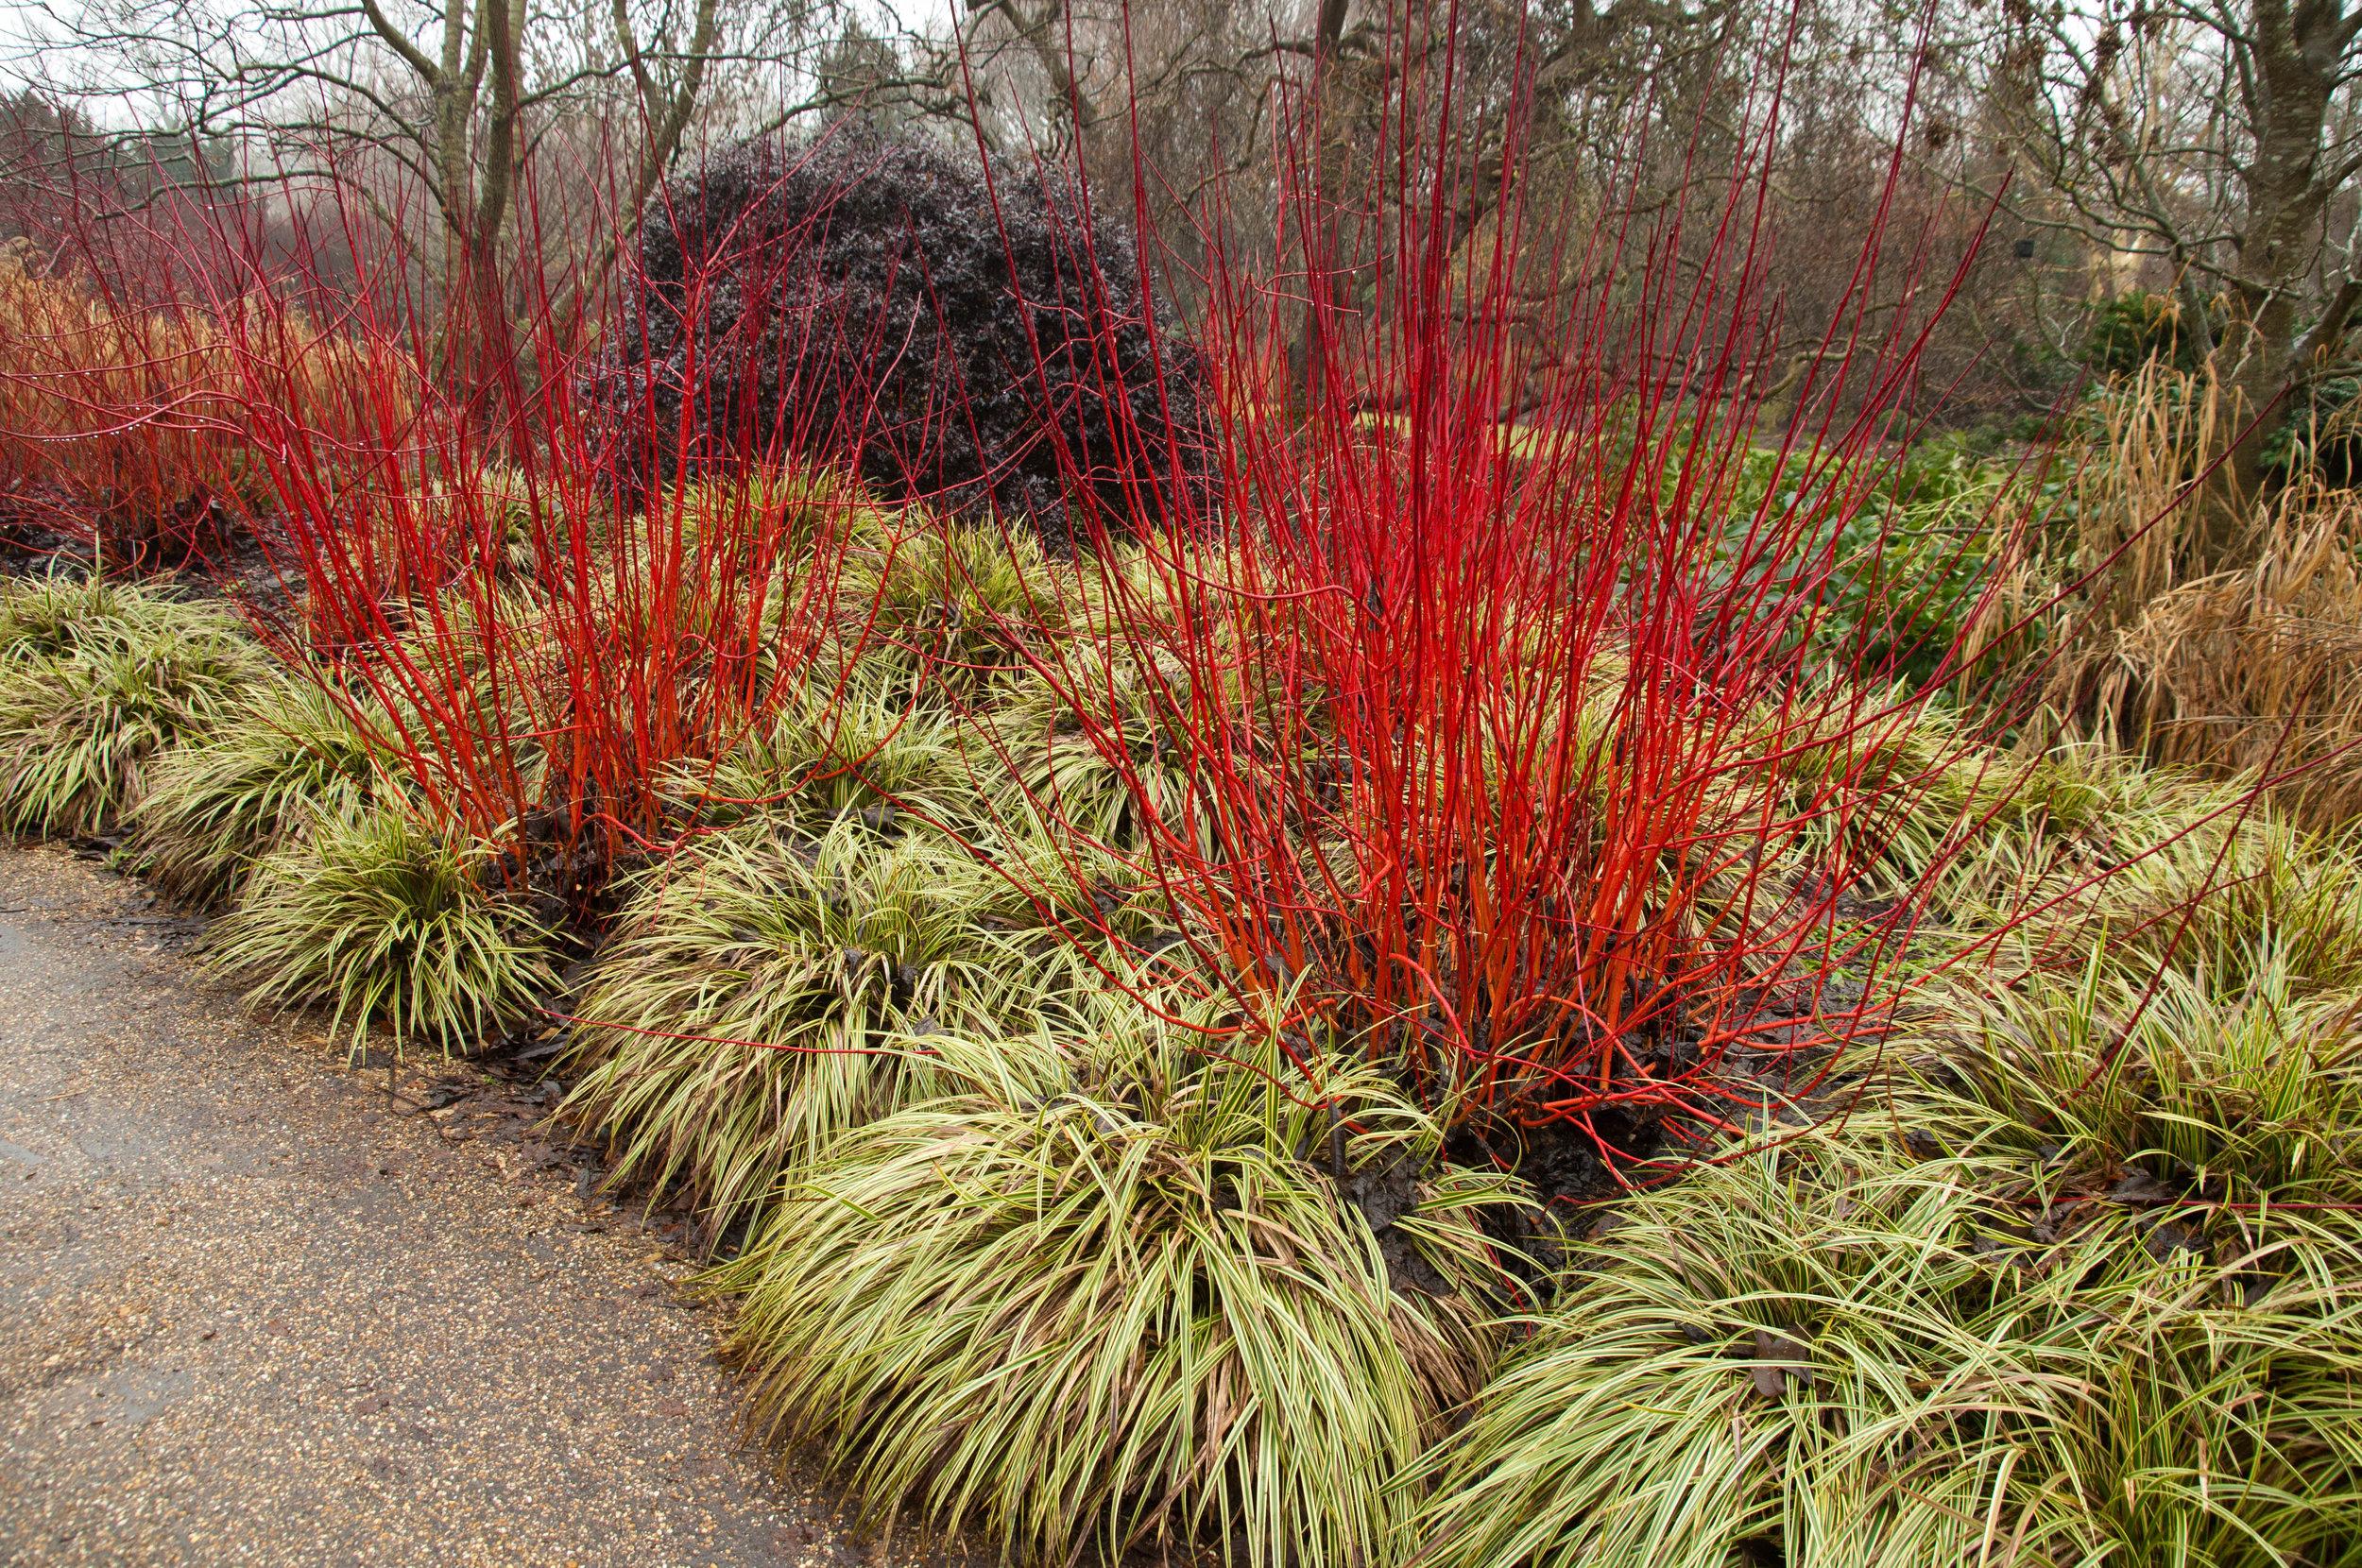 Red Twig Dogwood ('cornus baileyi')